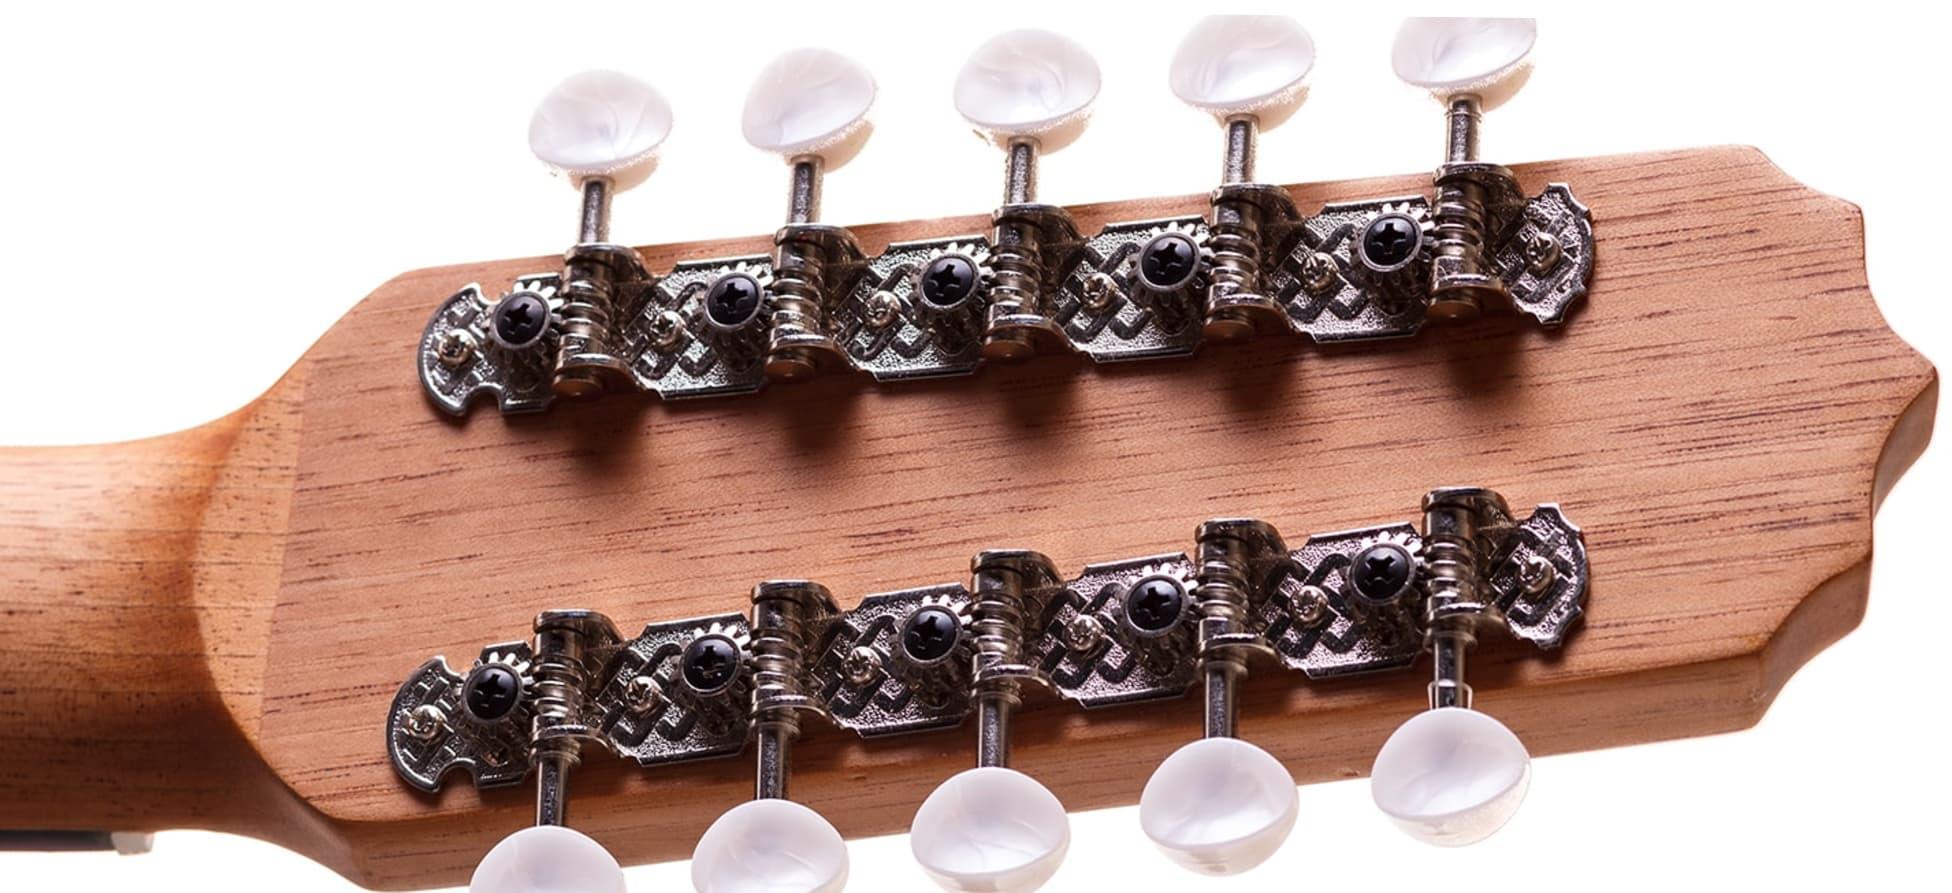 Viola Caipira Rozini Rv151 Acfm Ponteio Acústica Natural Fosco